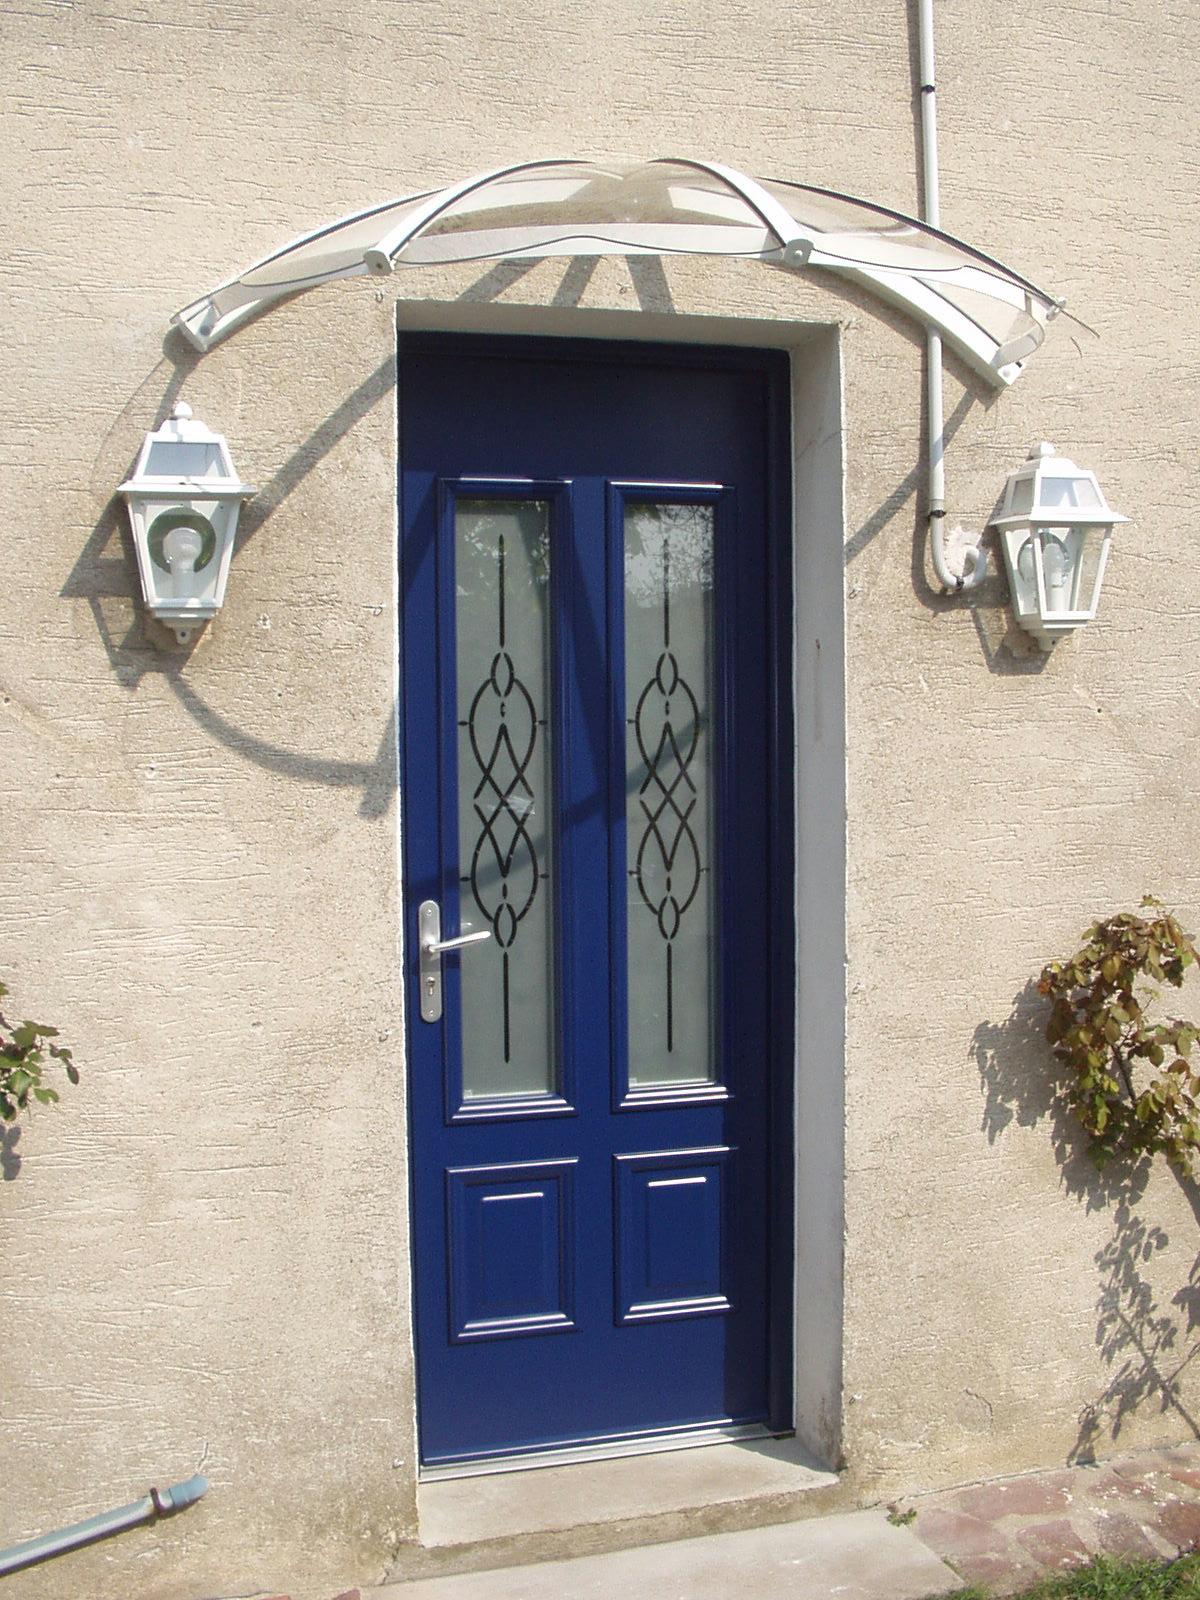 Auvent cintré en alu de porte d'entrée de monture blanche et polycarbonate plein incolore 4mm